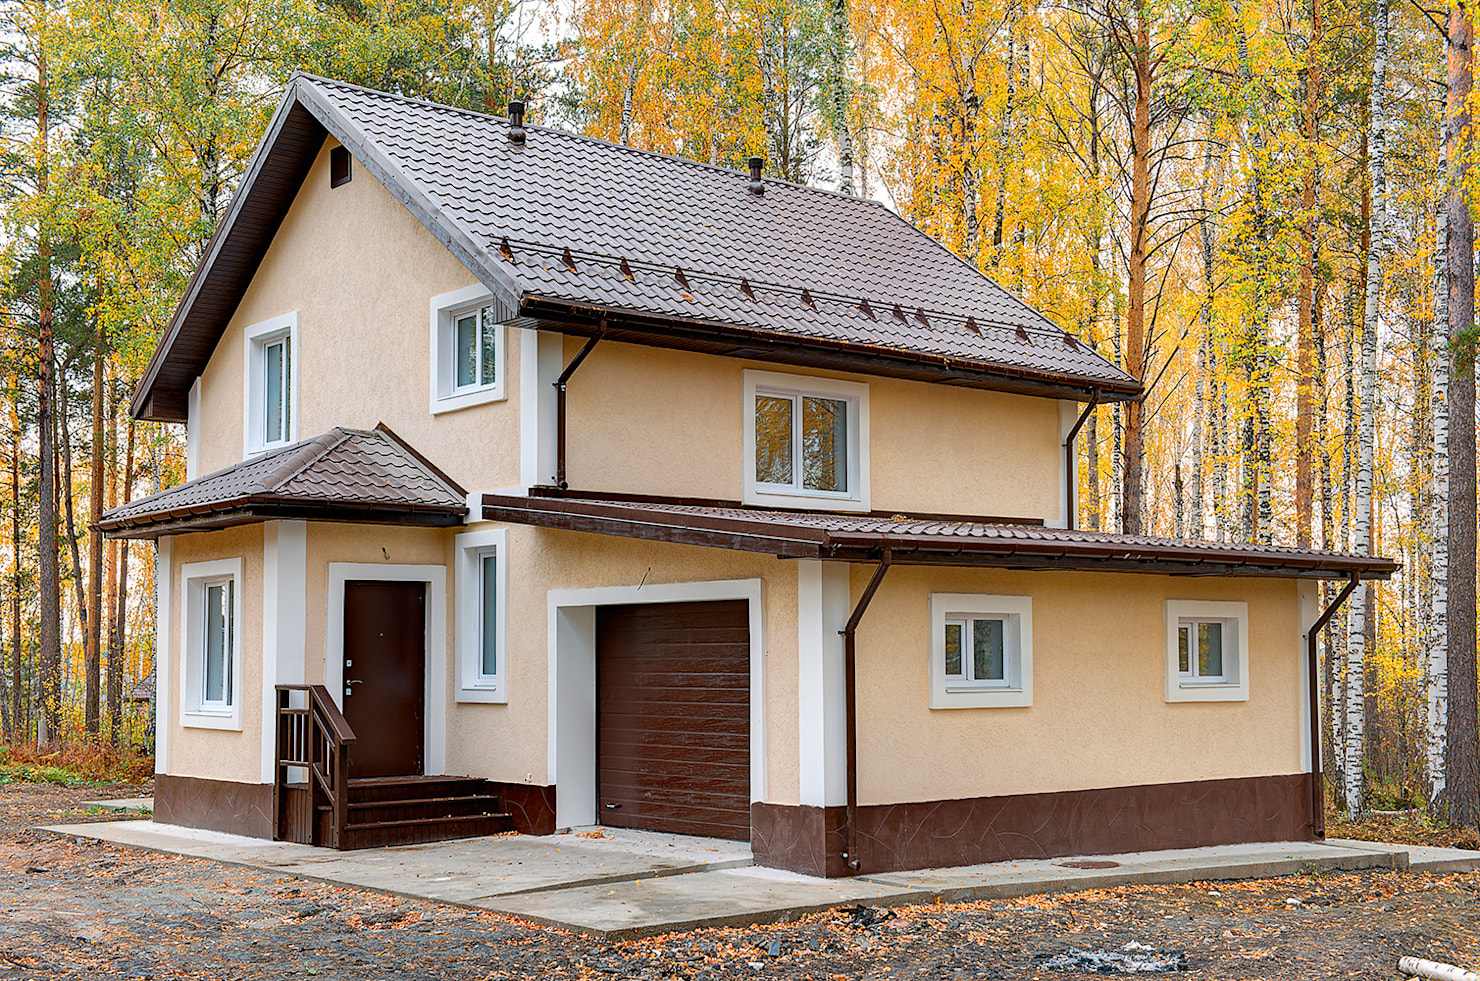 Реальные фото домов и коттеджей в спб